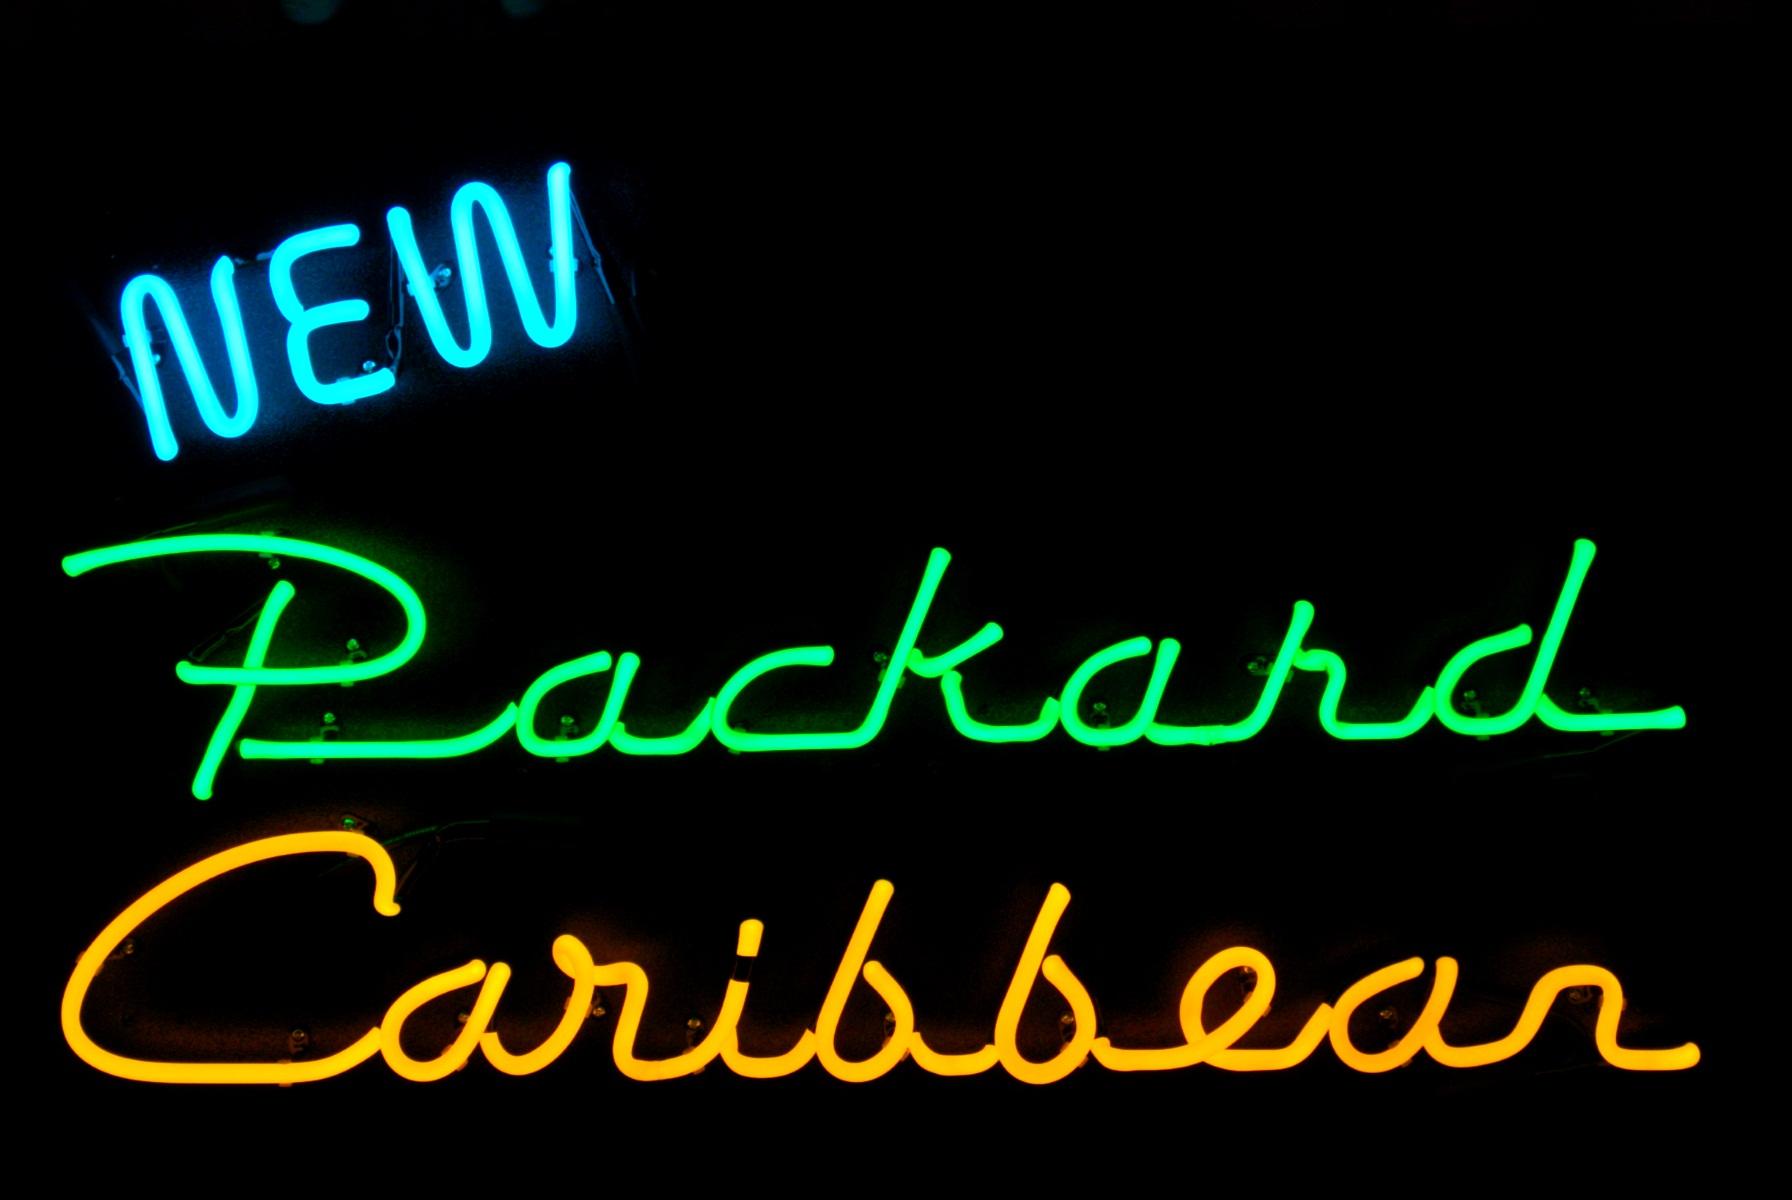 New Packard Caribbean Neon Sign - by John Barton - former Packard New Car Dealer - BartonNeonMagic.com